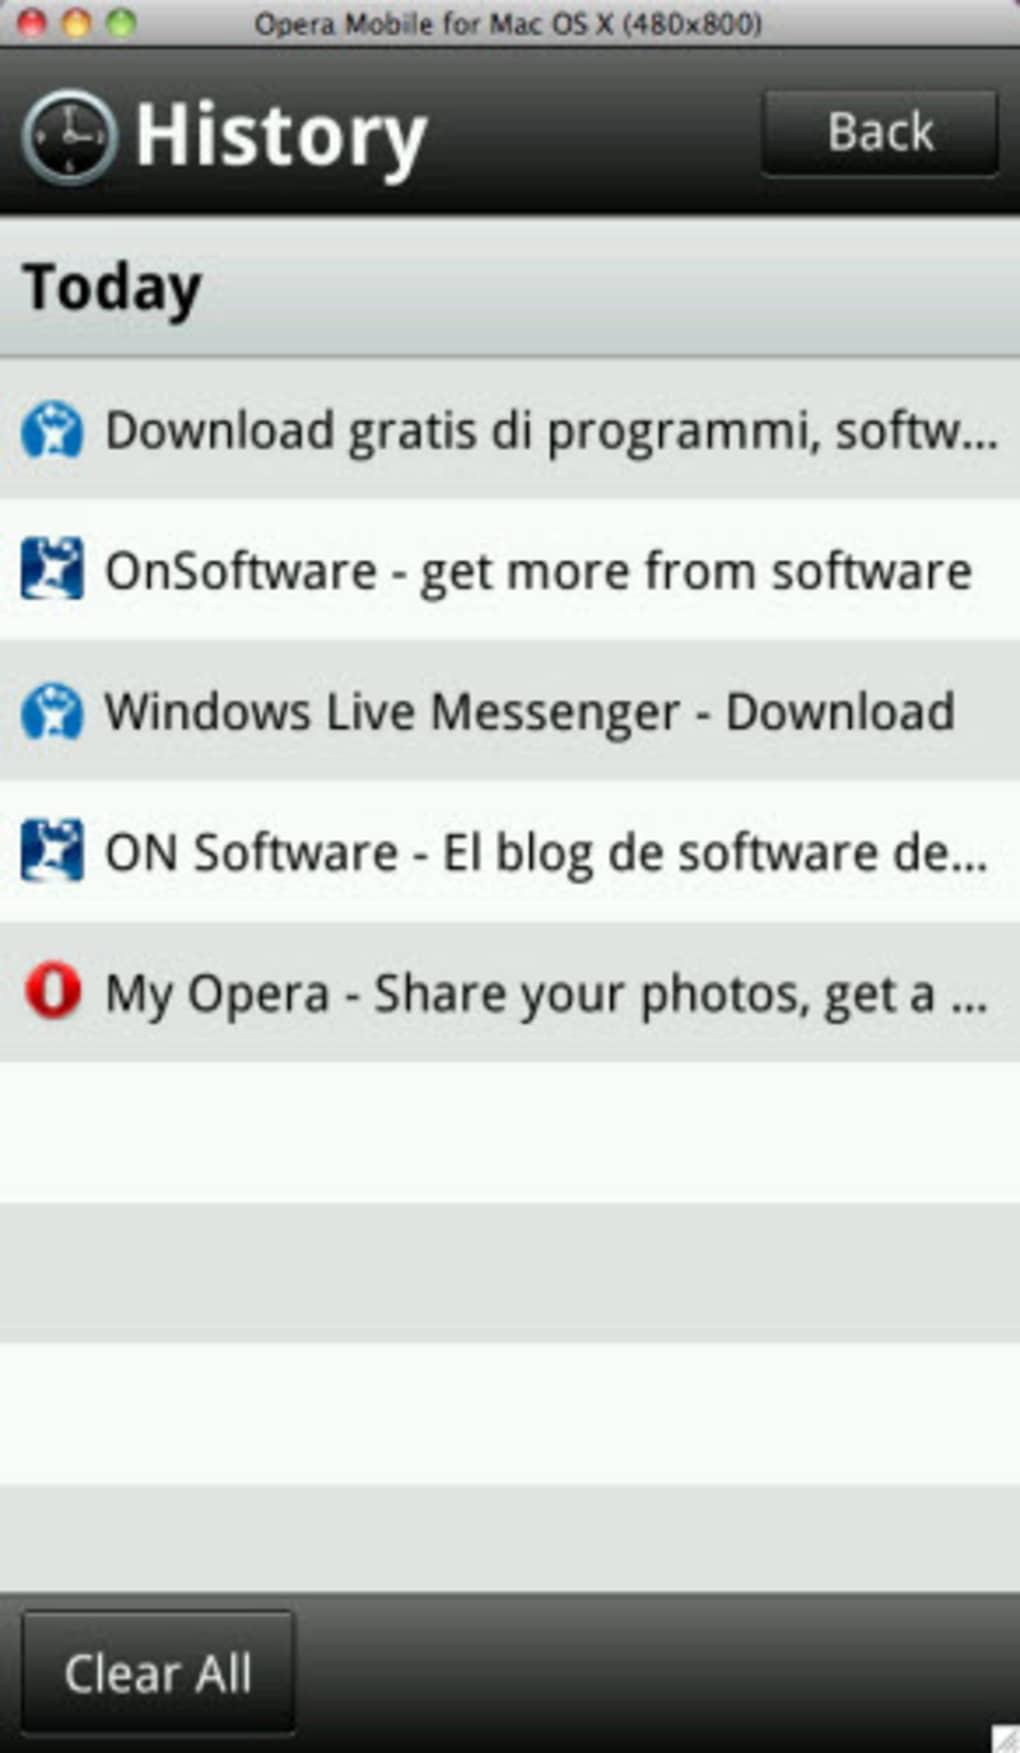 Opera Mobile Emulator per Mac - Download